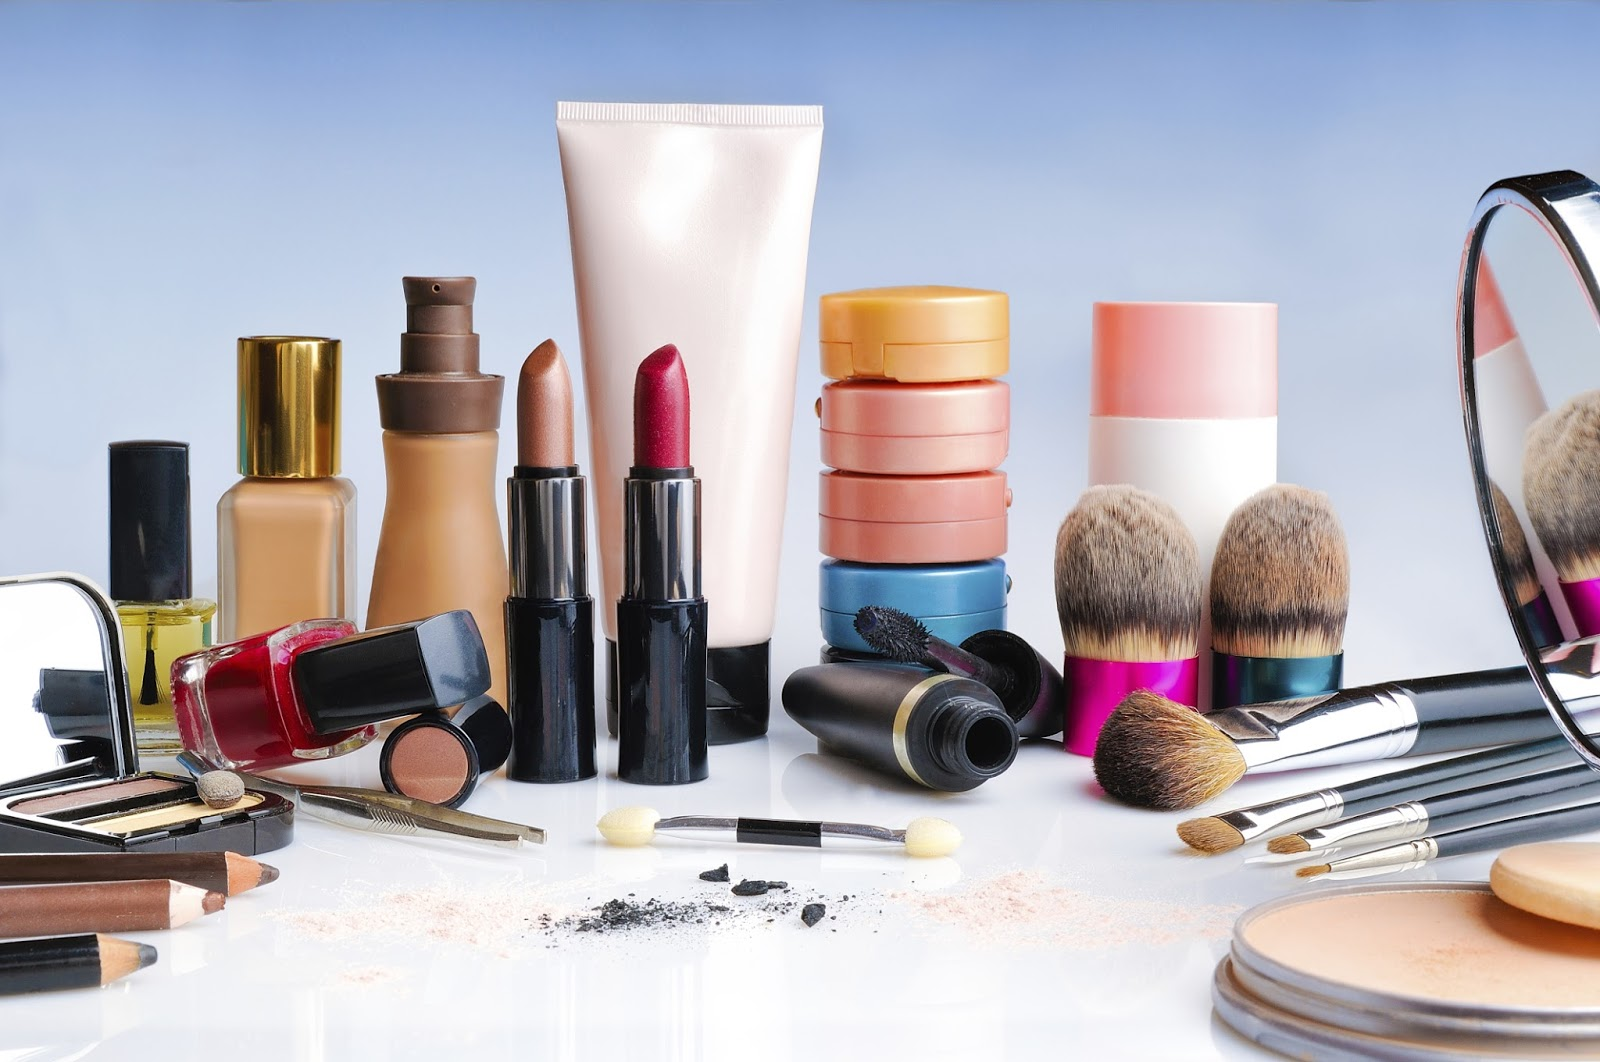 04-ff-cosmetics_377-ab.jpg